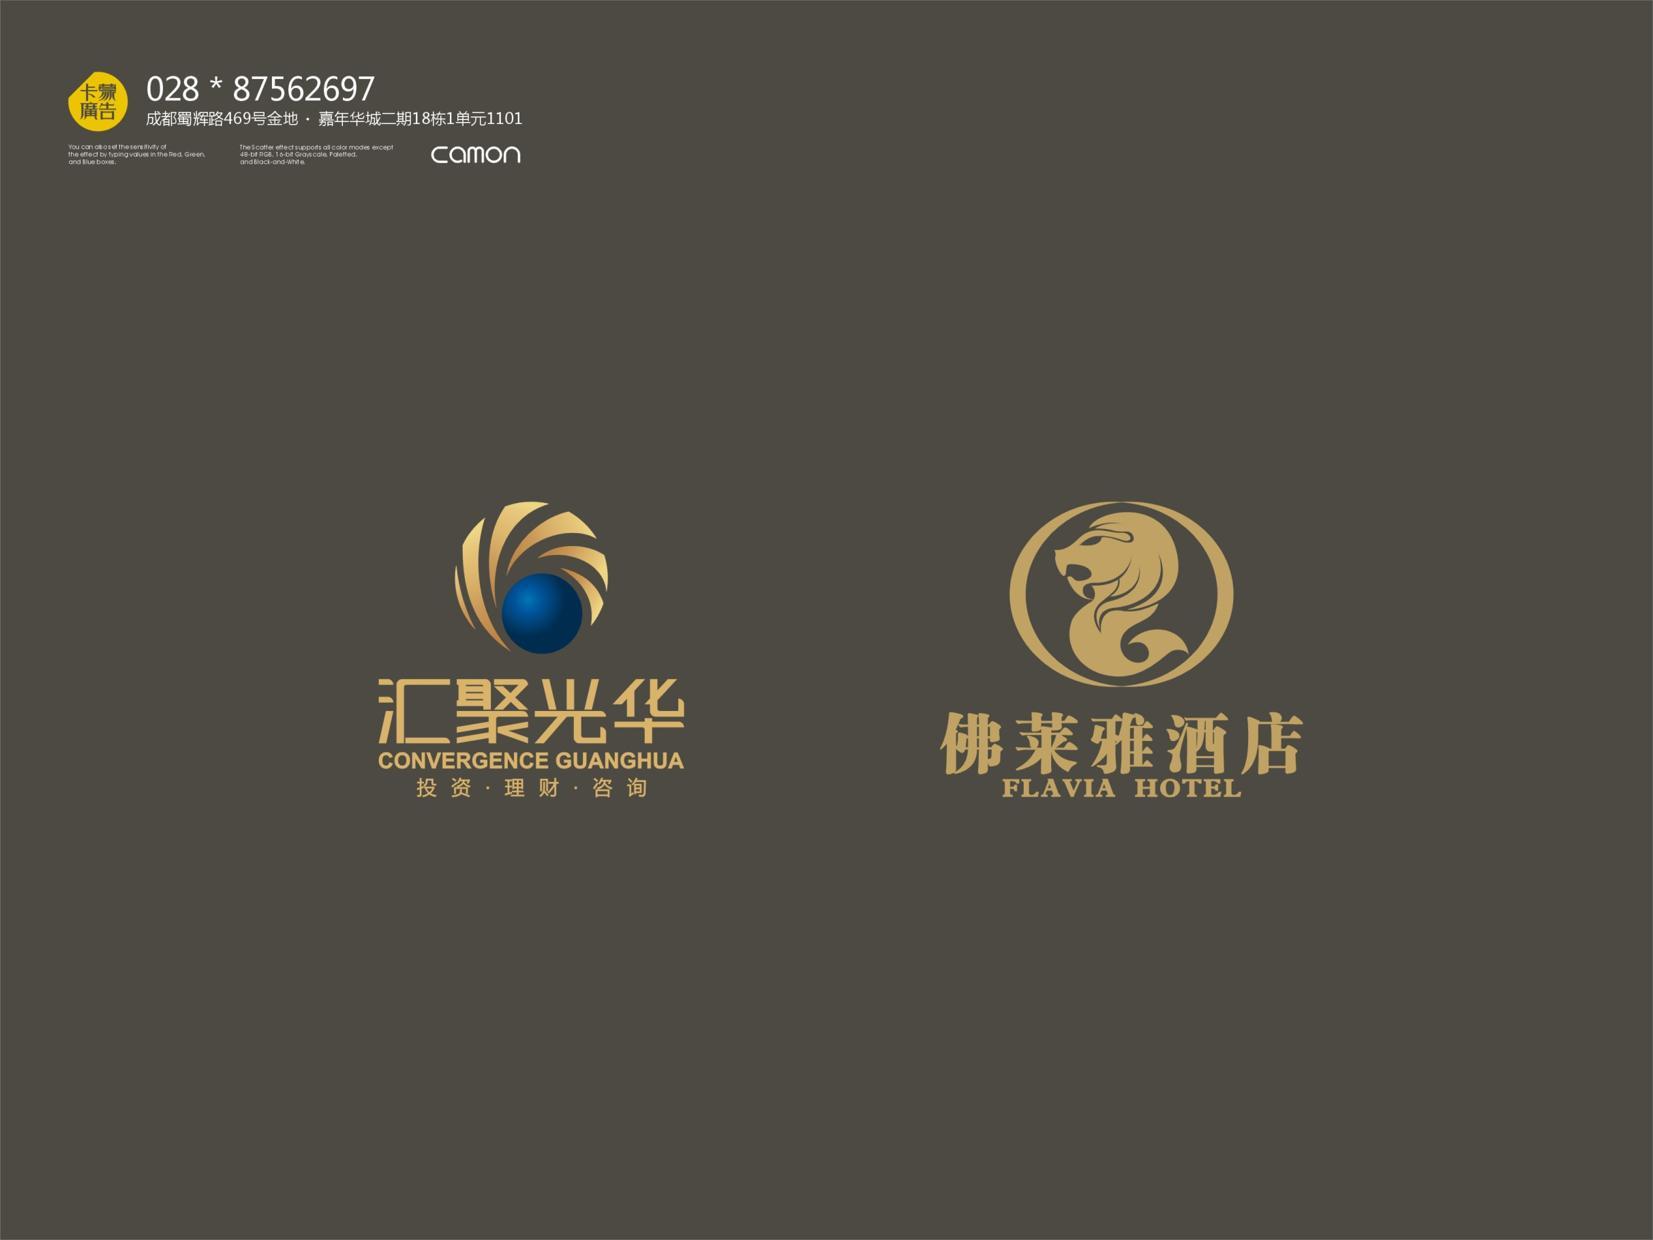 汇聚光华+佛莱雅酒店—logo设计